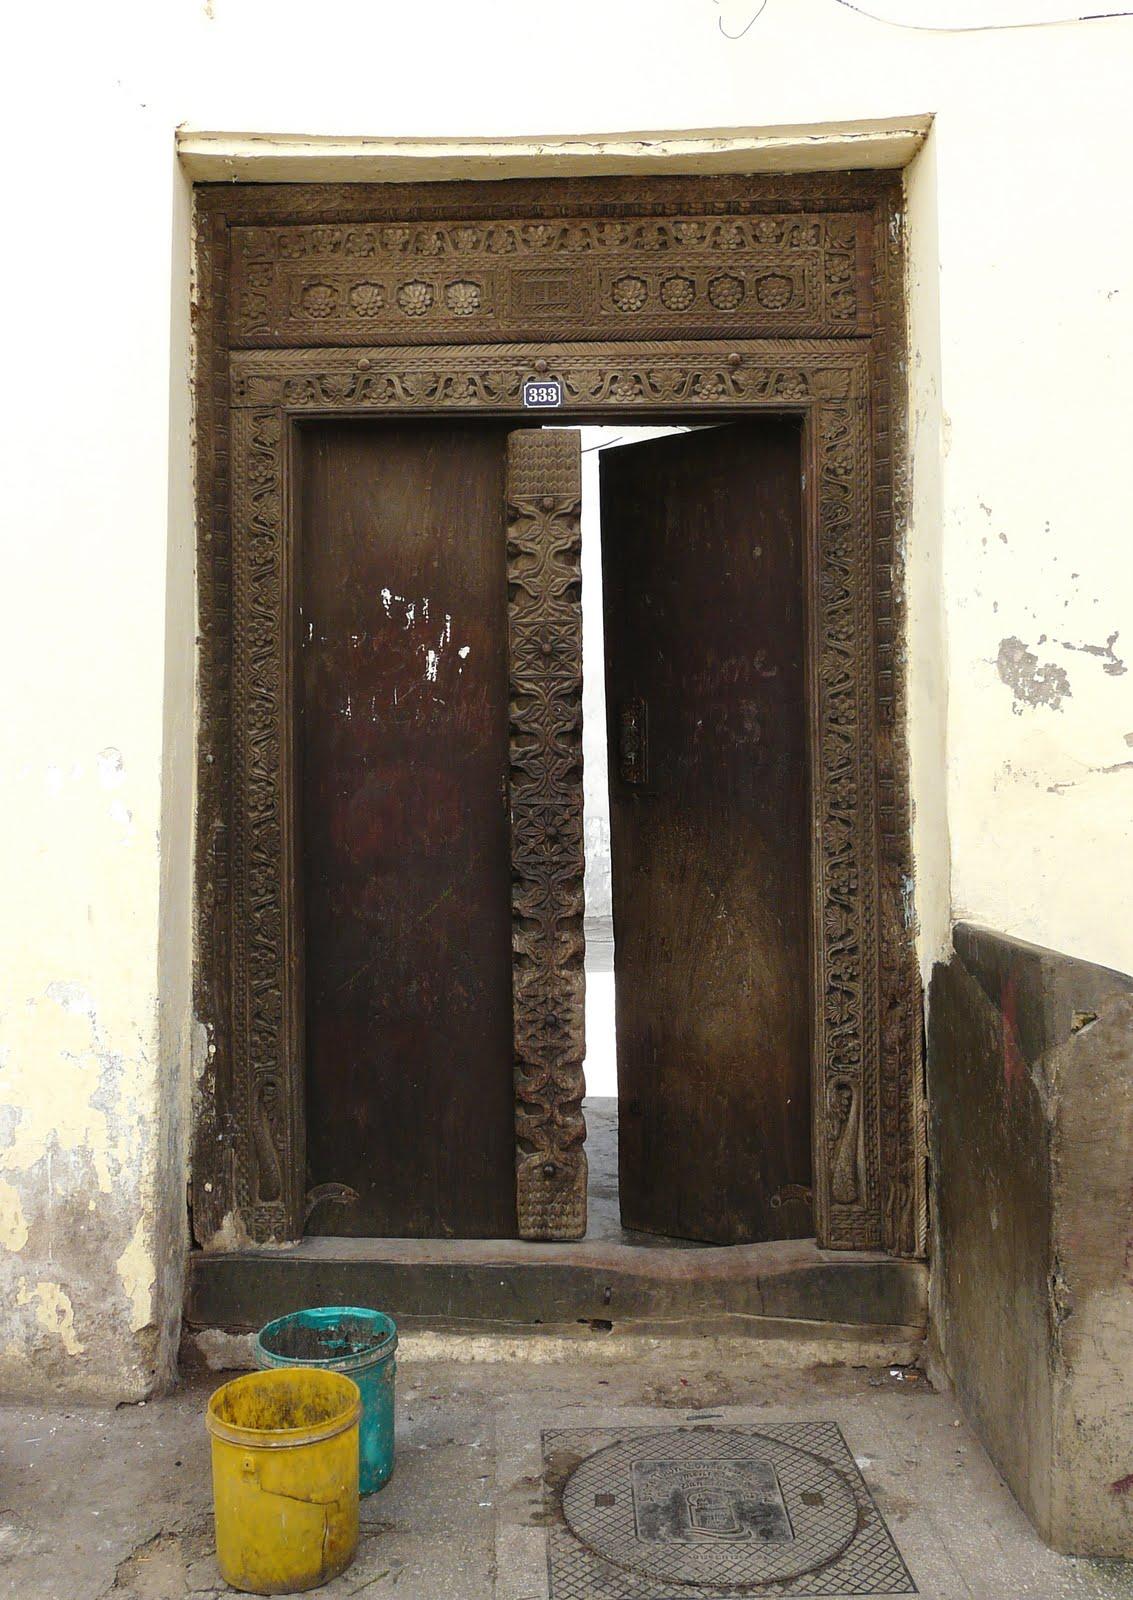 Zanzibar Stories \u0026 History & Zanzibar Stories \u0026 History: The Arab Doors of Stone Town